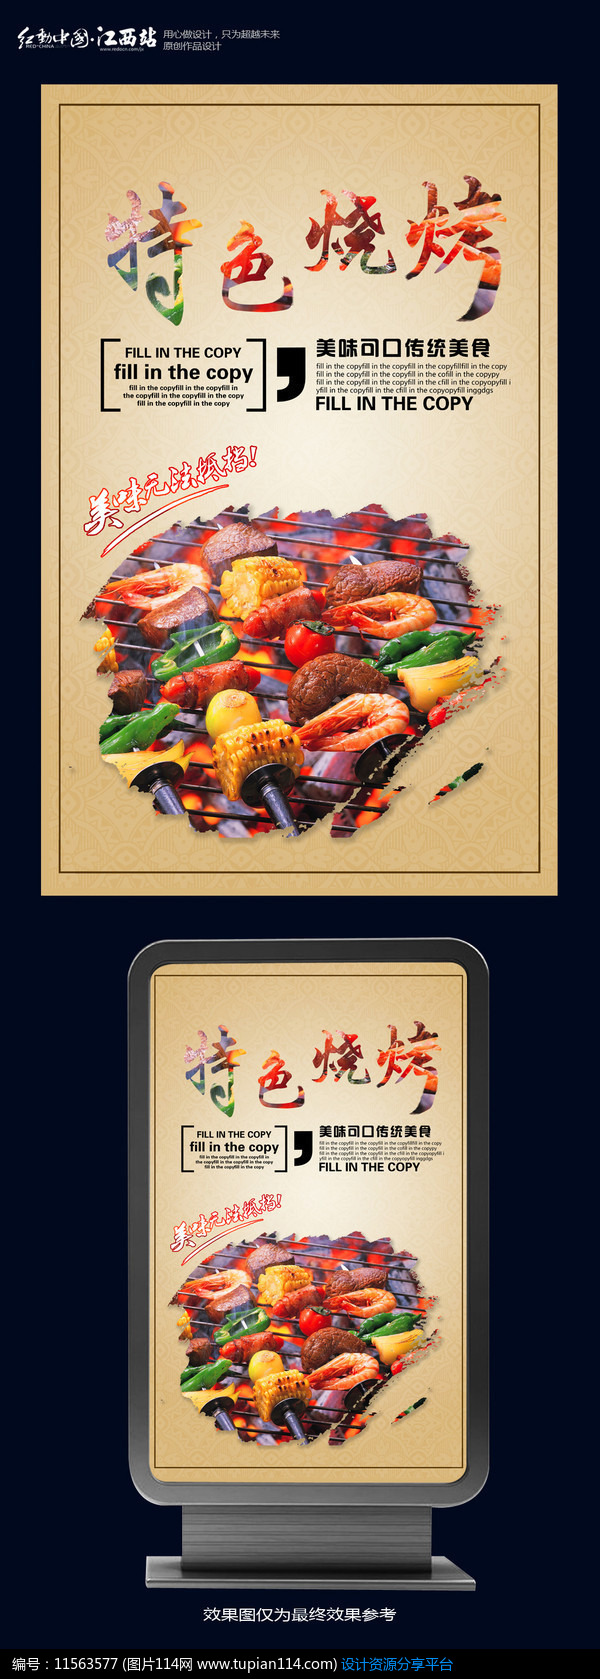 psd素材 广告设计模板 海报设计 创意特色烧烤海报     素材编号